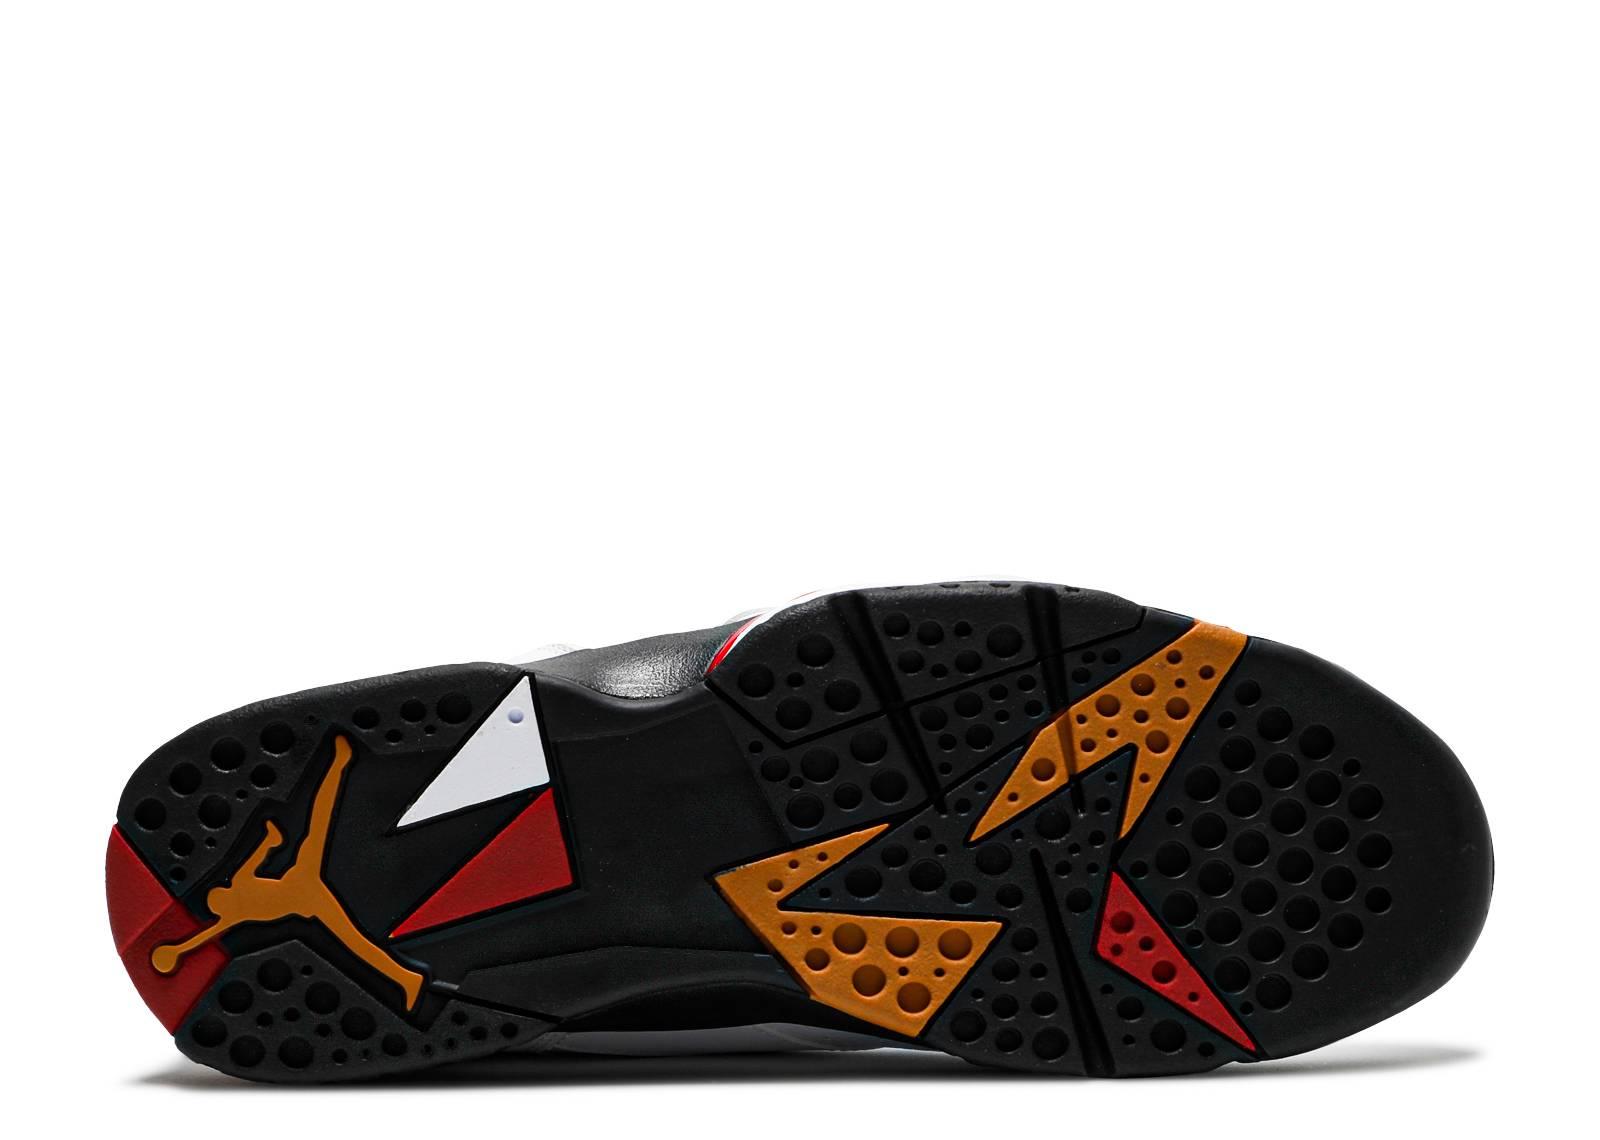 Air Jordan 7 Retro 'Cardinal' 2011